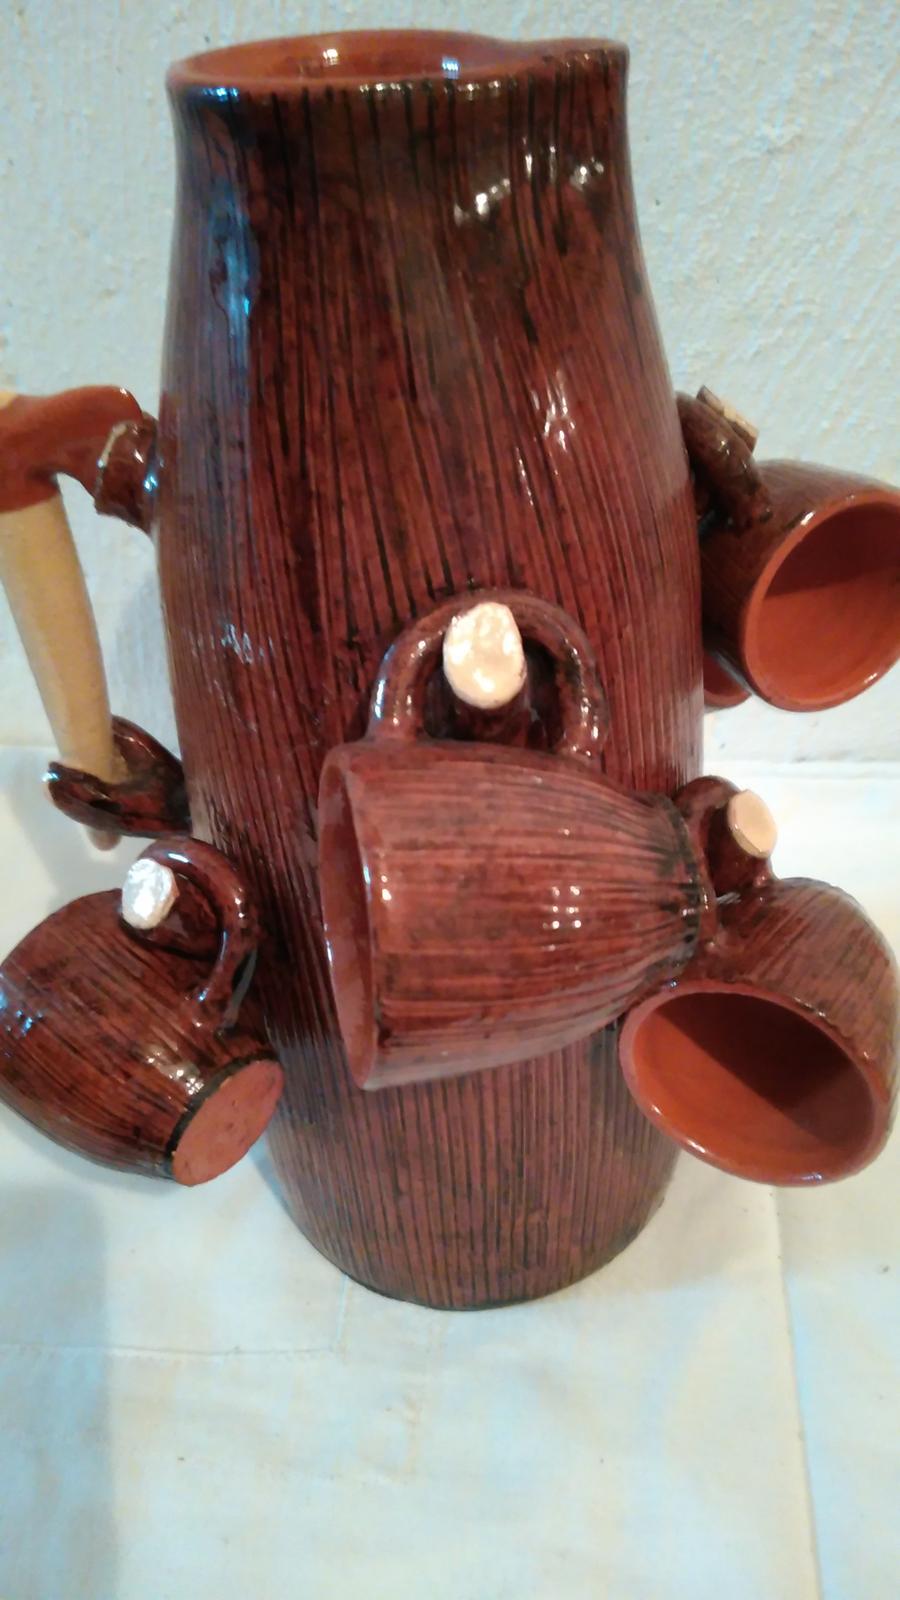 krčah s pohárikmi - Obrázok č. 1